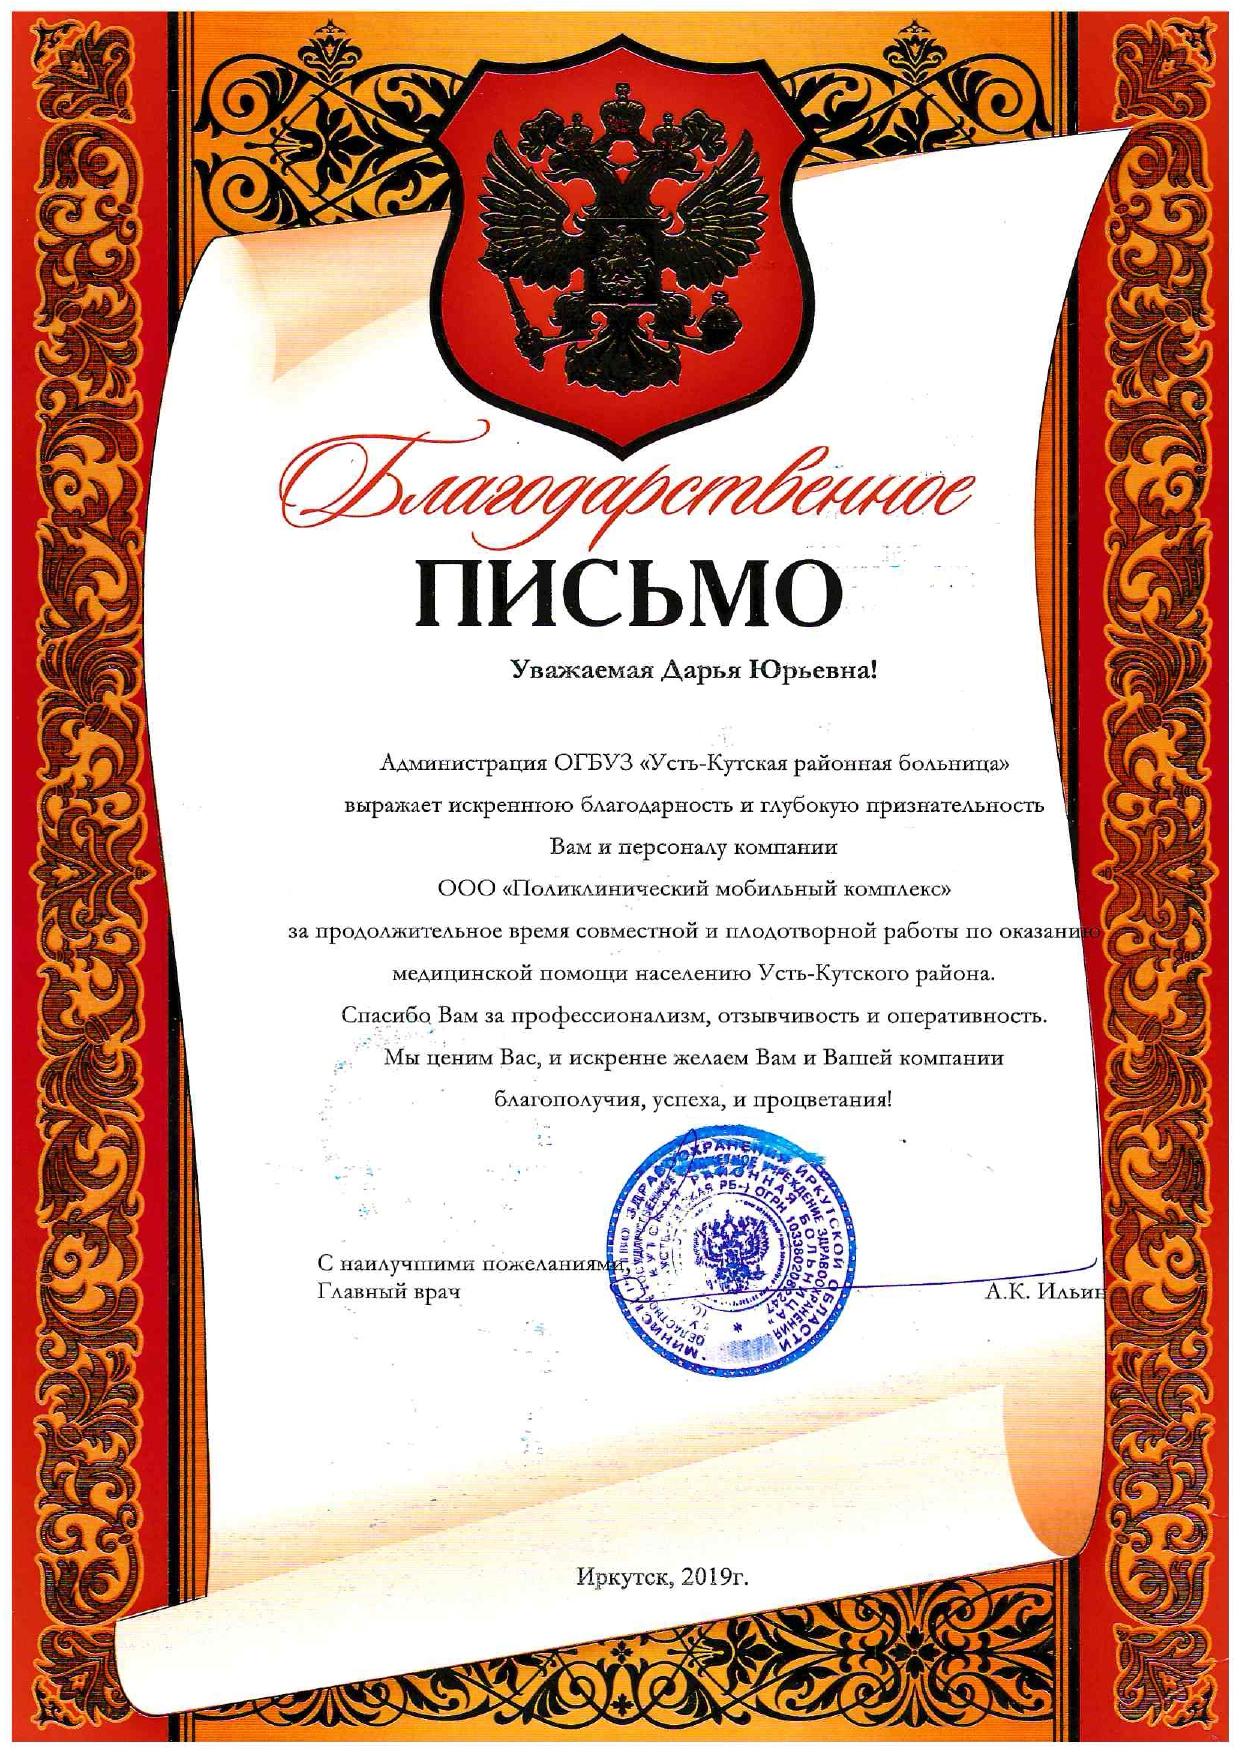 Благодарность (Усть-Кутская РБ)_page-000